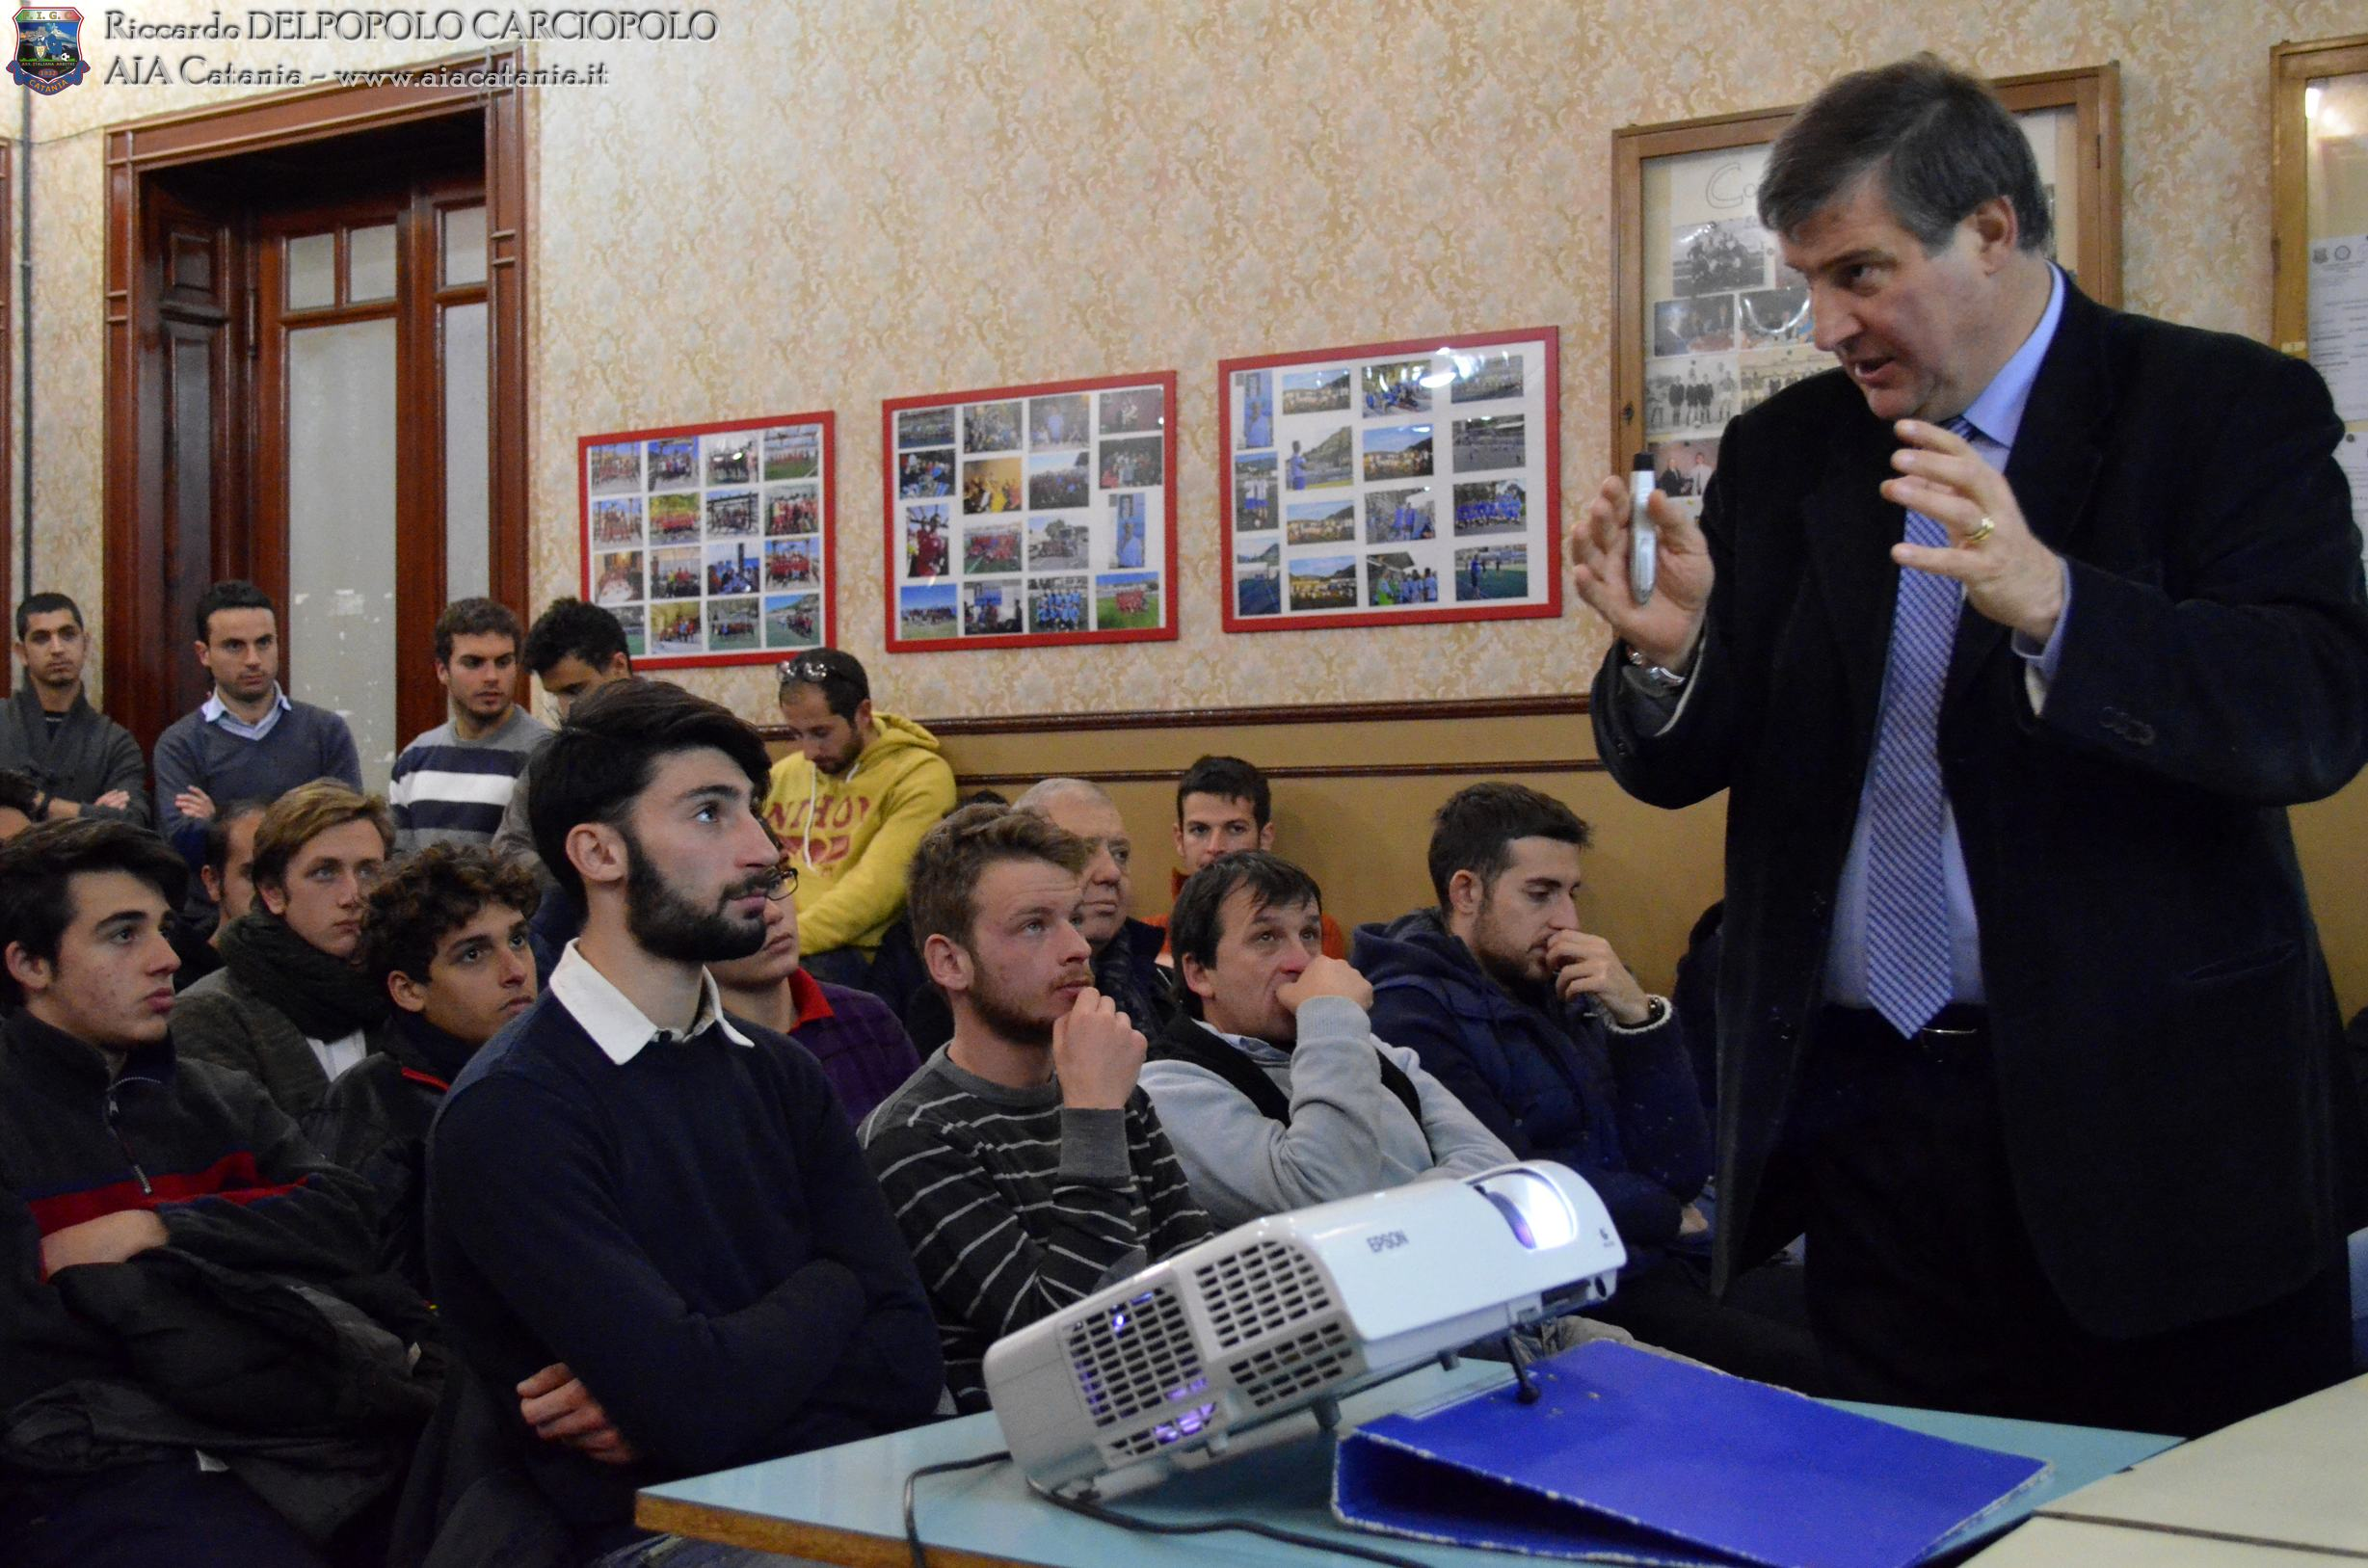 VITALE e alcuni interventi dei colleghi durante la riunione